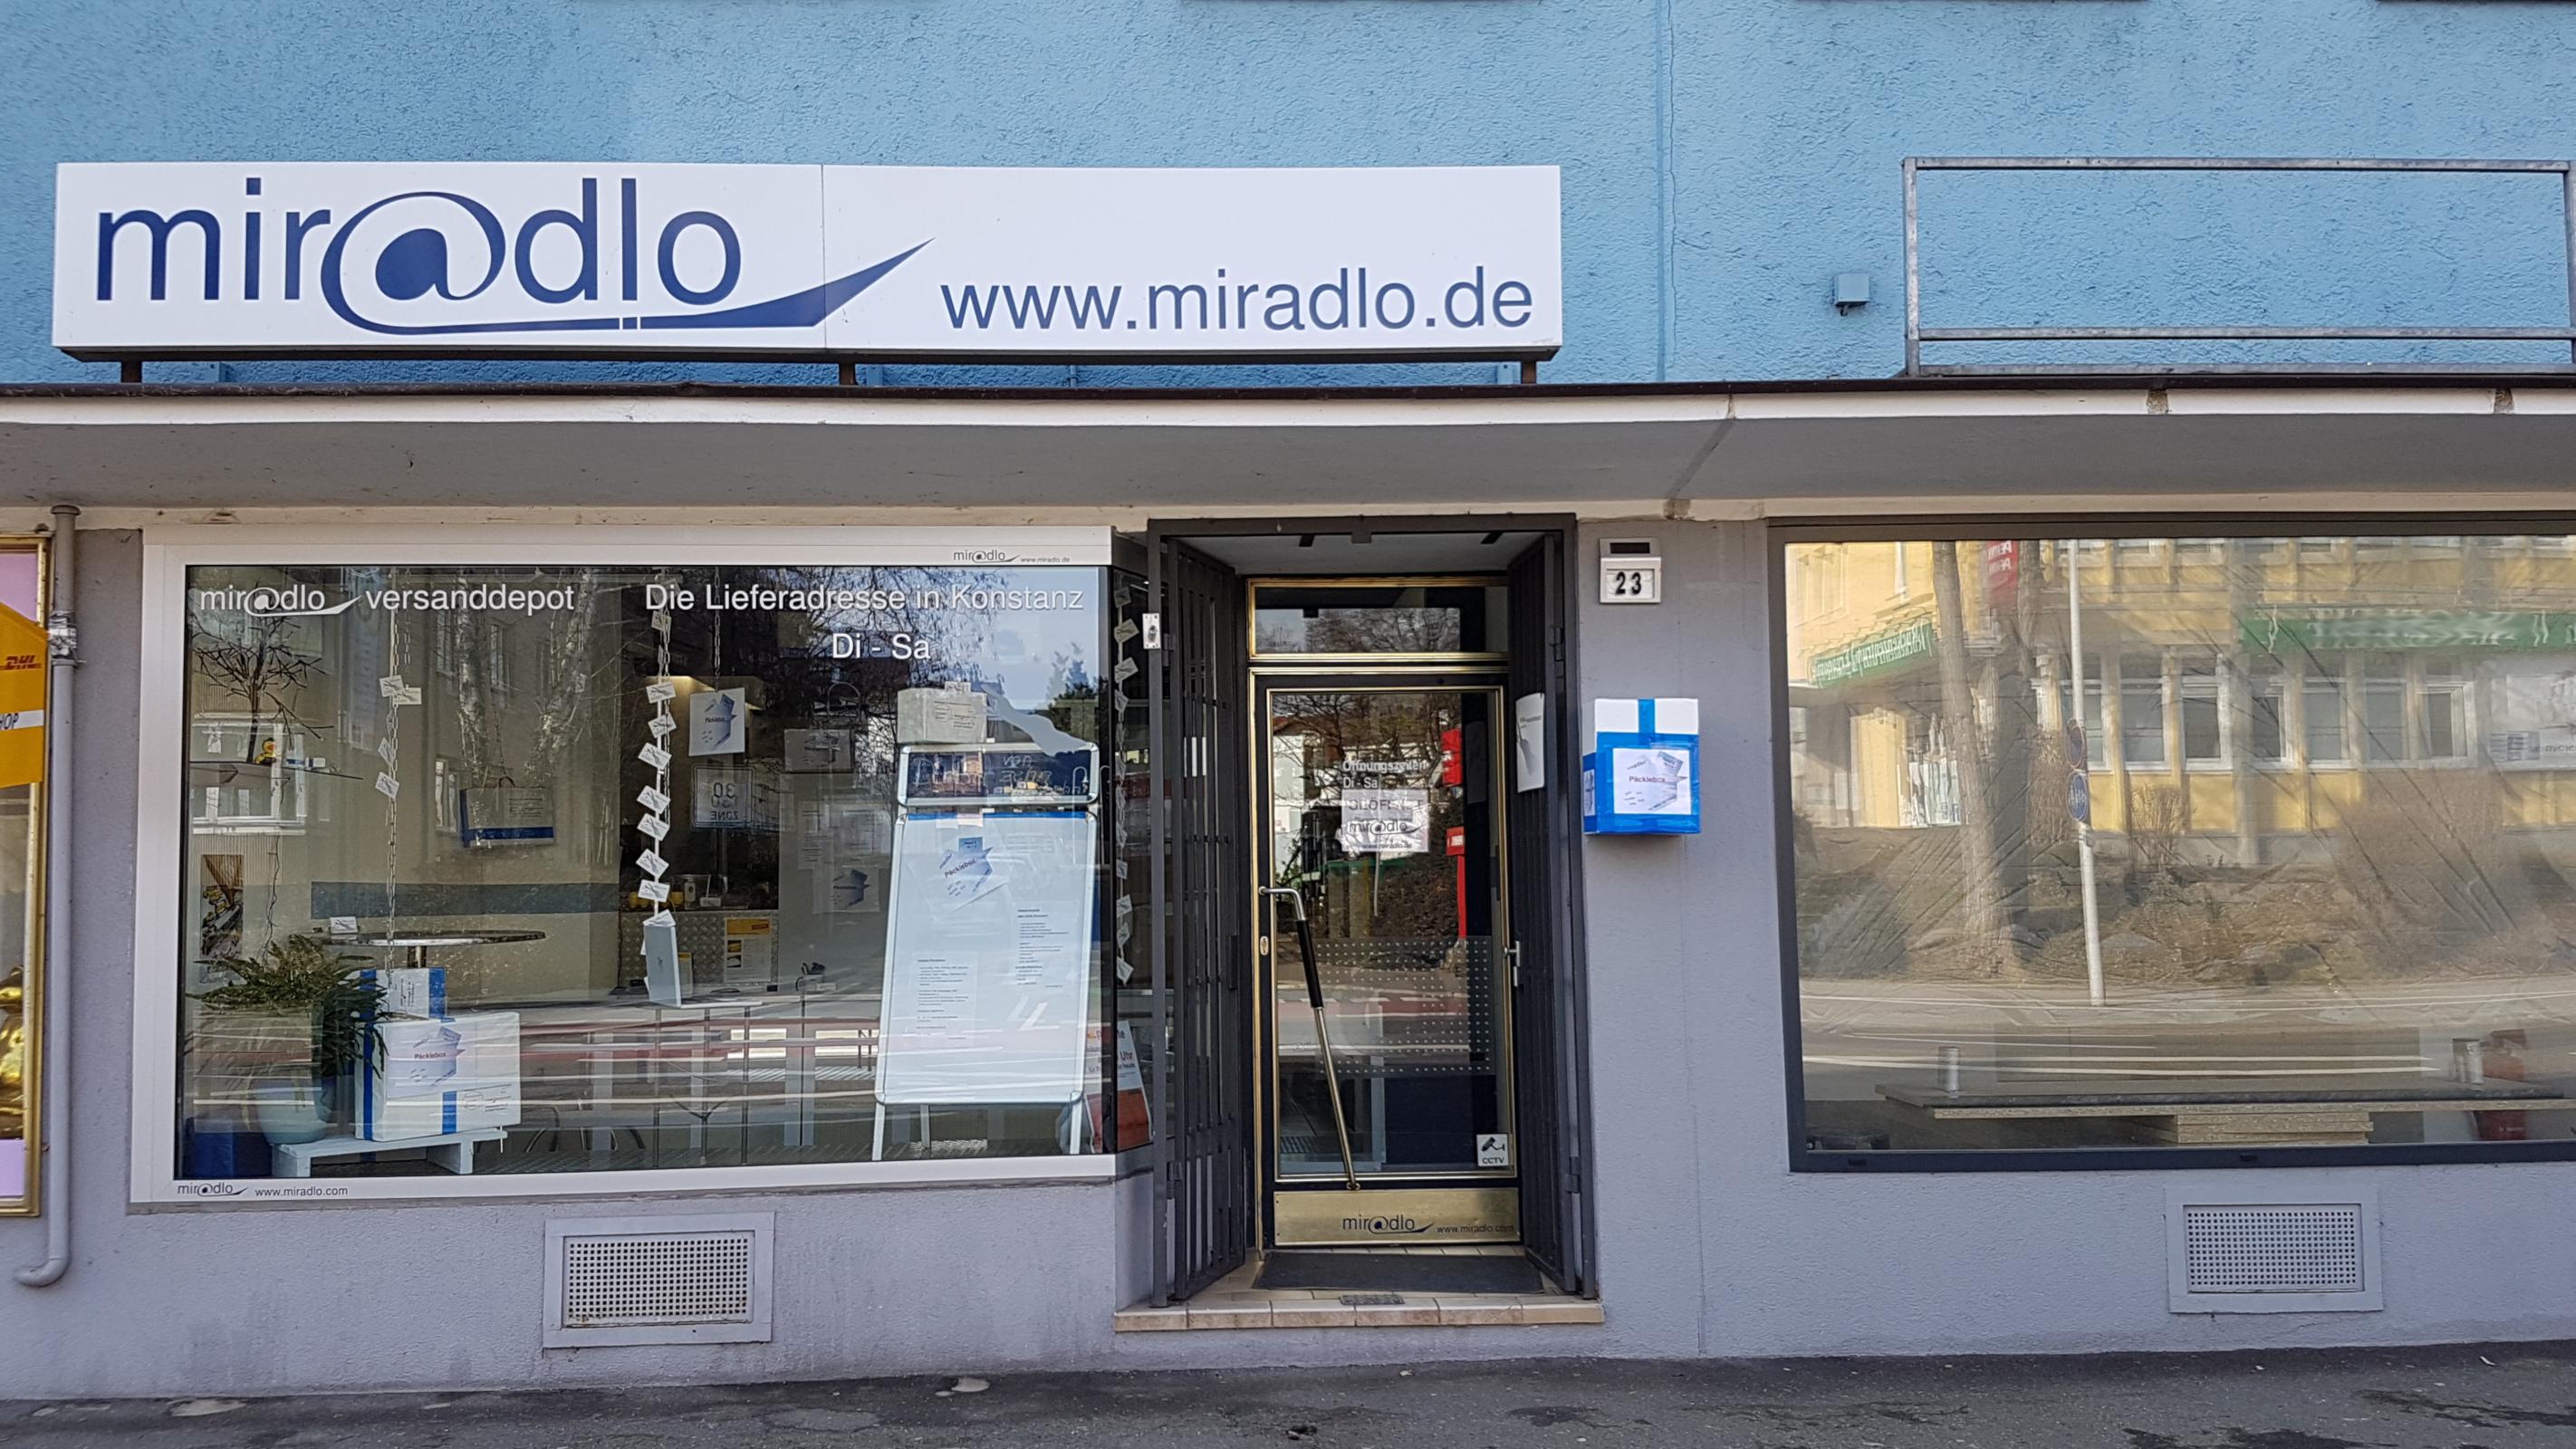 Schaufenster: Päcklebox als Lieferadresse im miradlo-Versanddepot Konstanz, nimmt Pakete aller Zustelldienste, Di-Sa von zehn bis zehn geöffnet